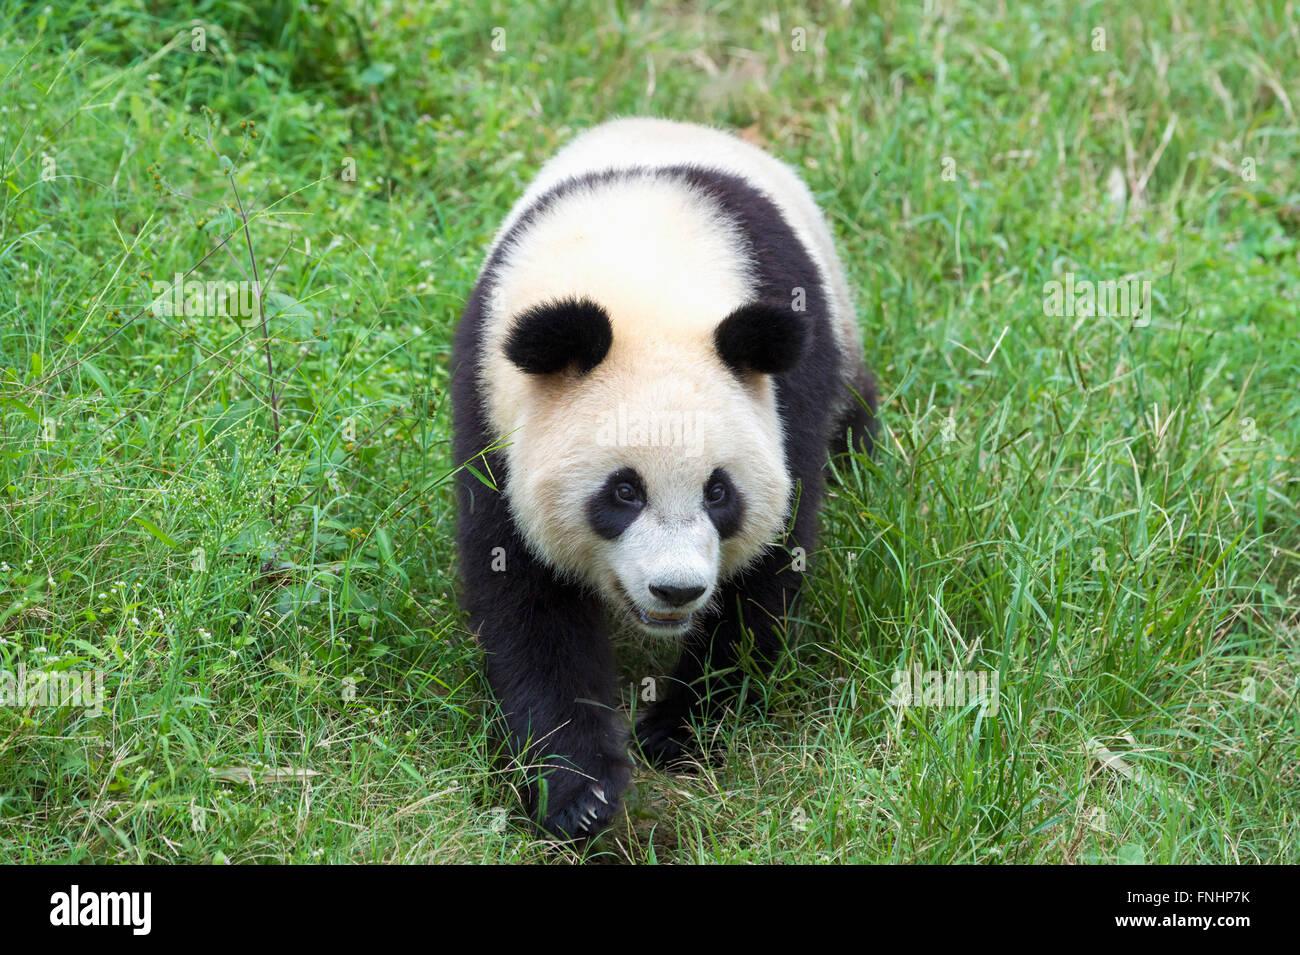 Panda géant (Ailuropoda melanoleuca), de la Chine et de Conservation Centre de recherche pour les pandas géants, Photo Stock